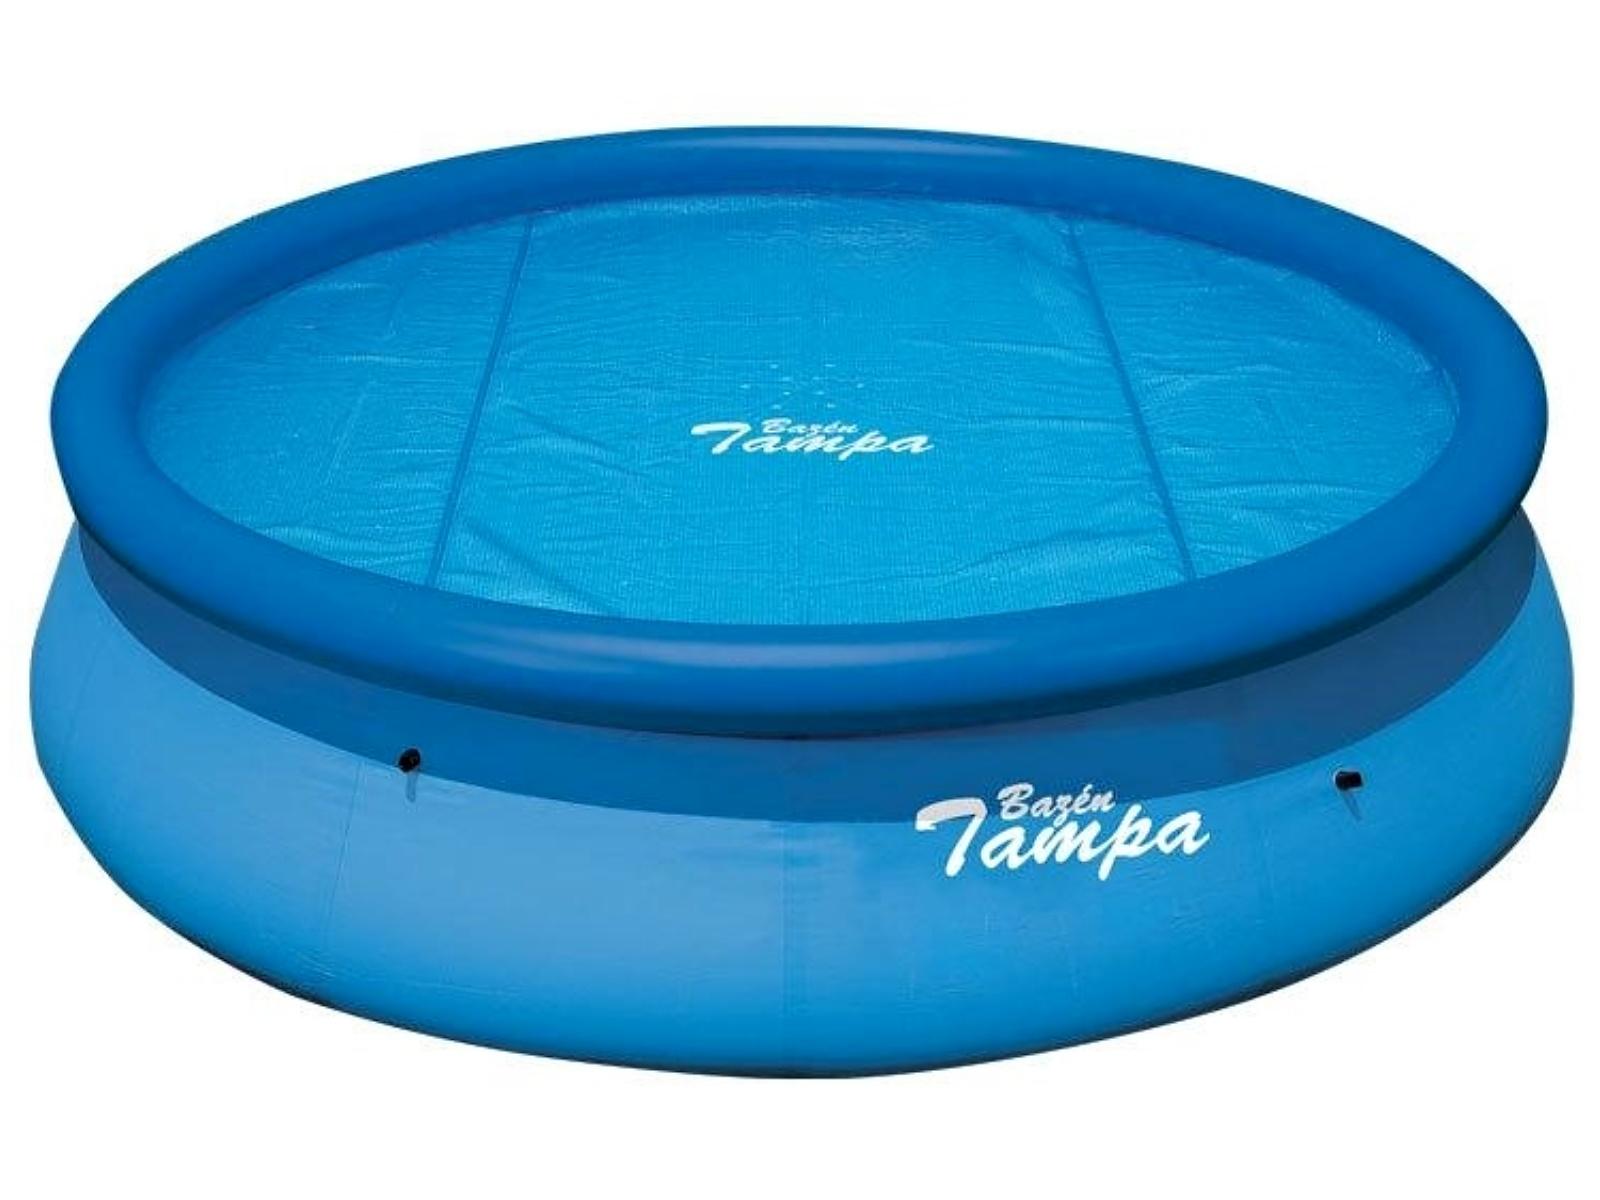 Solární plachta k bazénům MARIMEX Tampa 305 cm - modrá